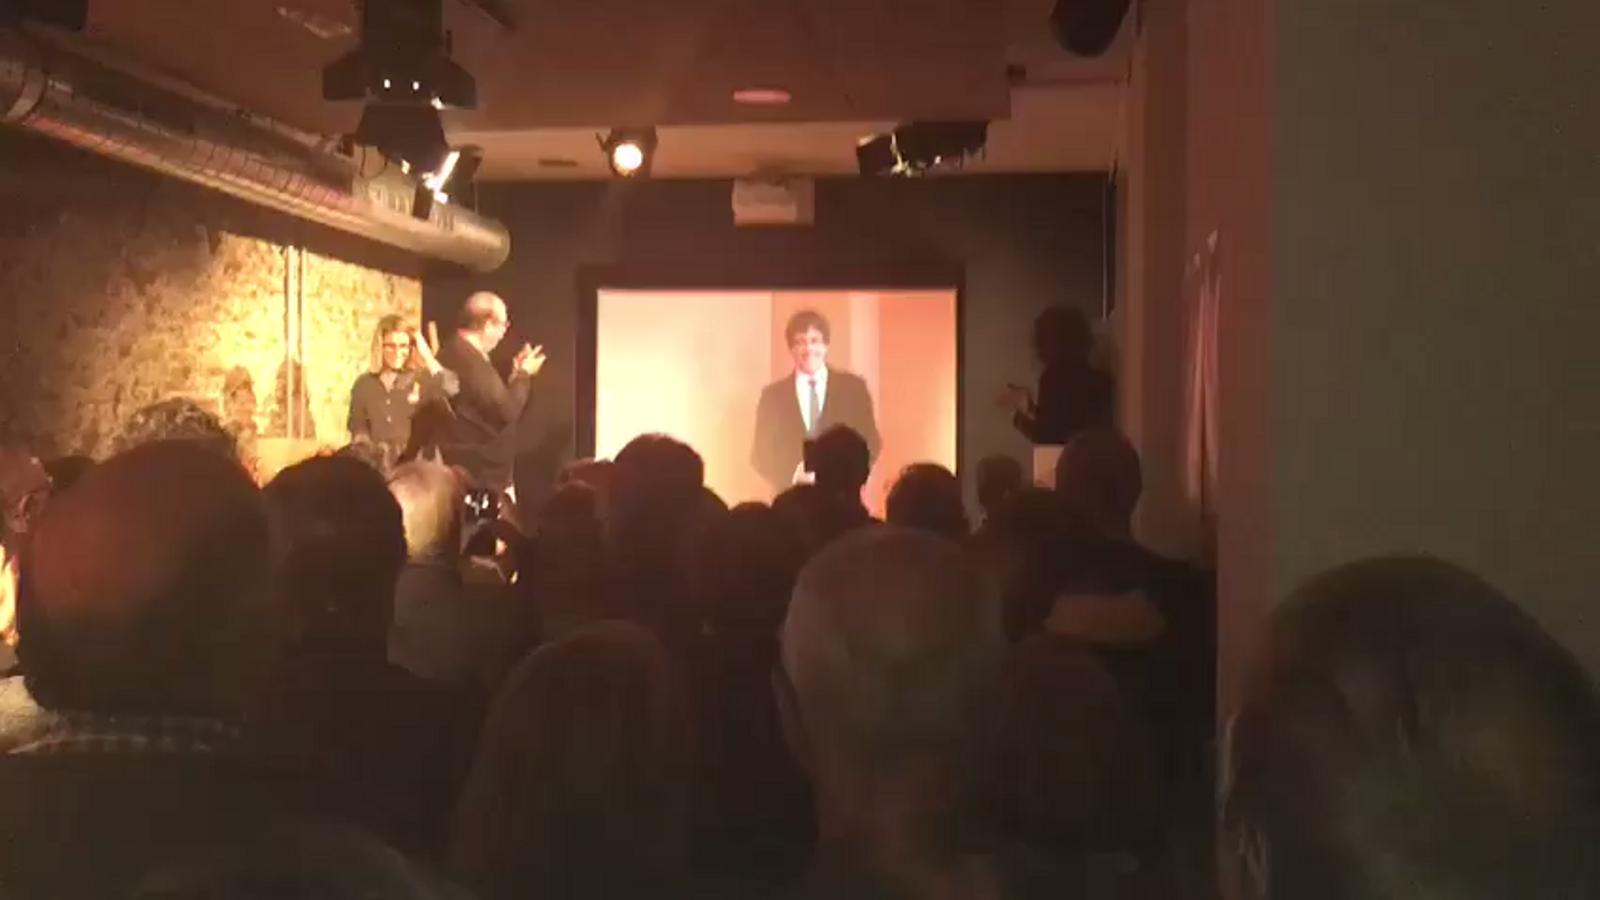 Moment en què s'ha connectat en directe amb Puigdemont des de la seu de JxCat